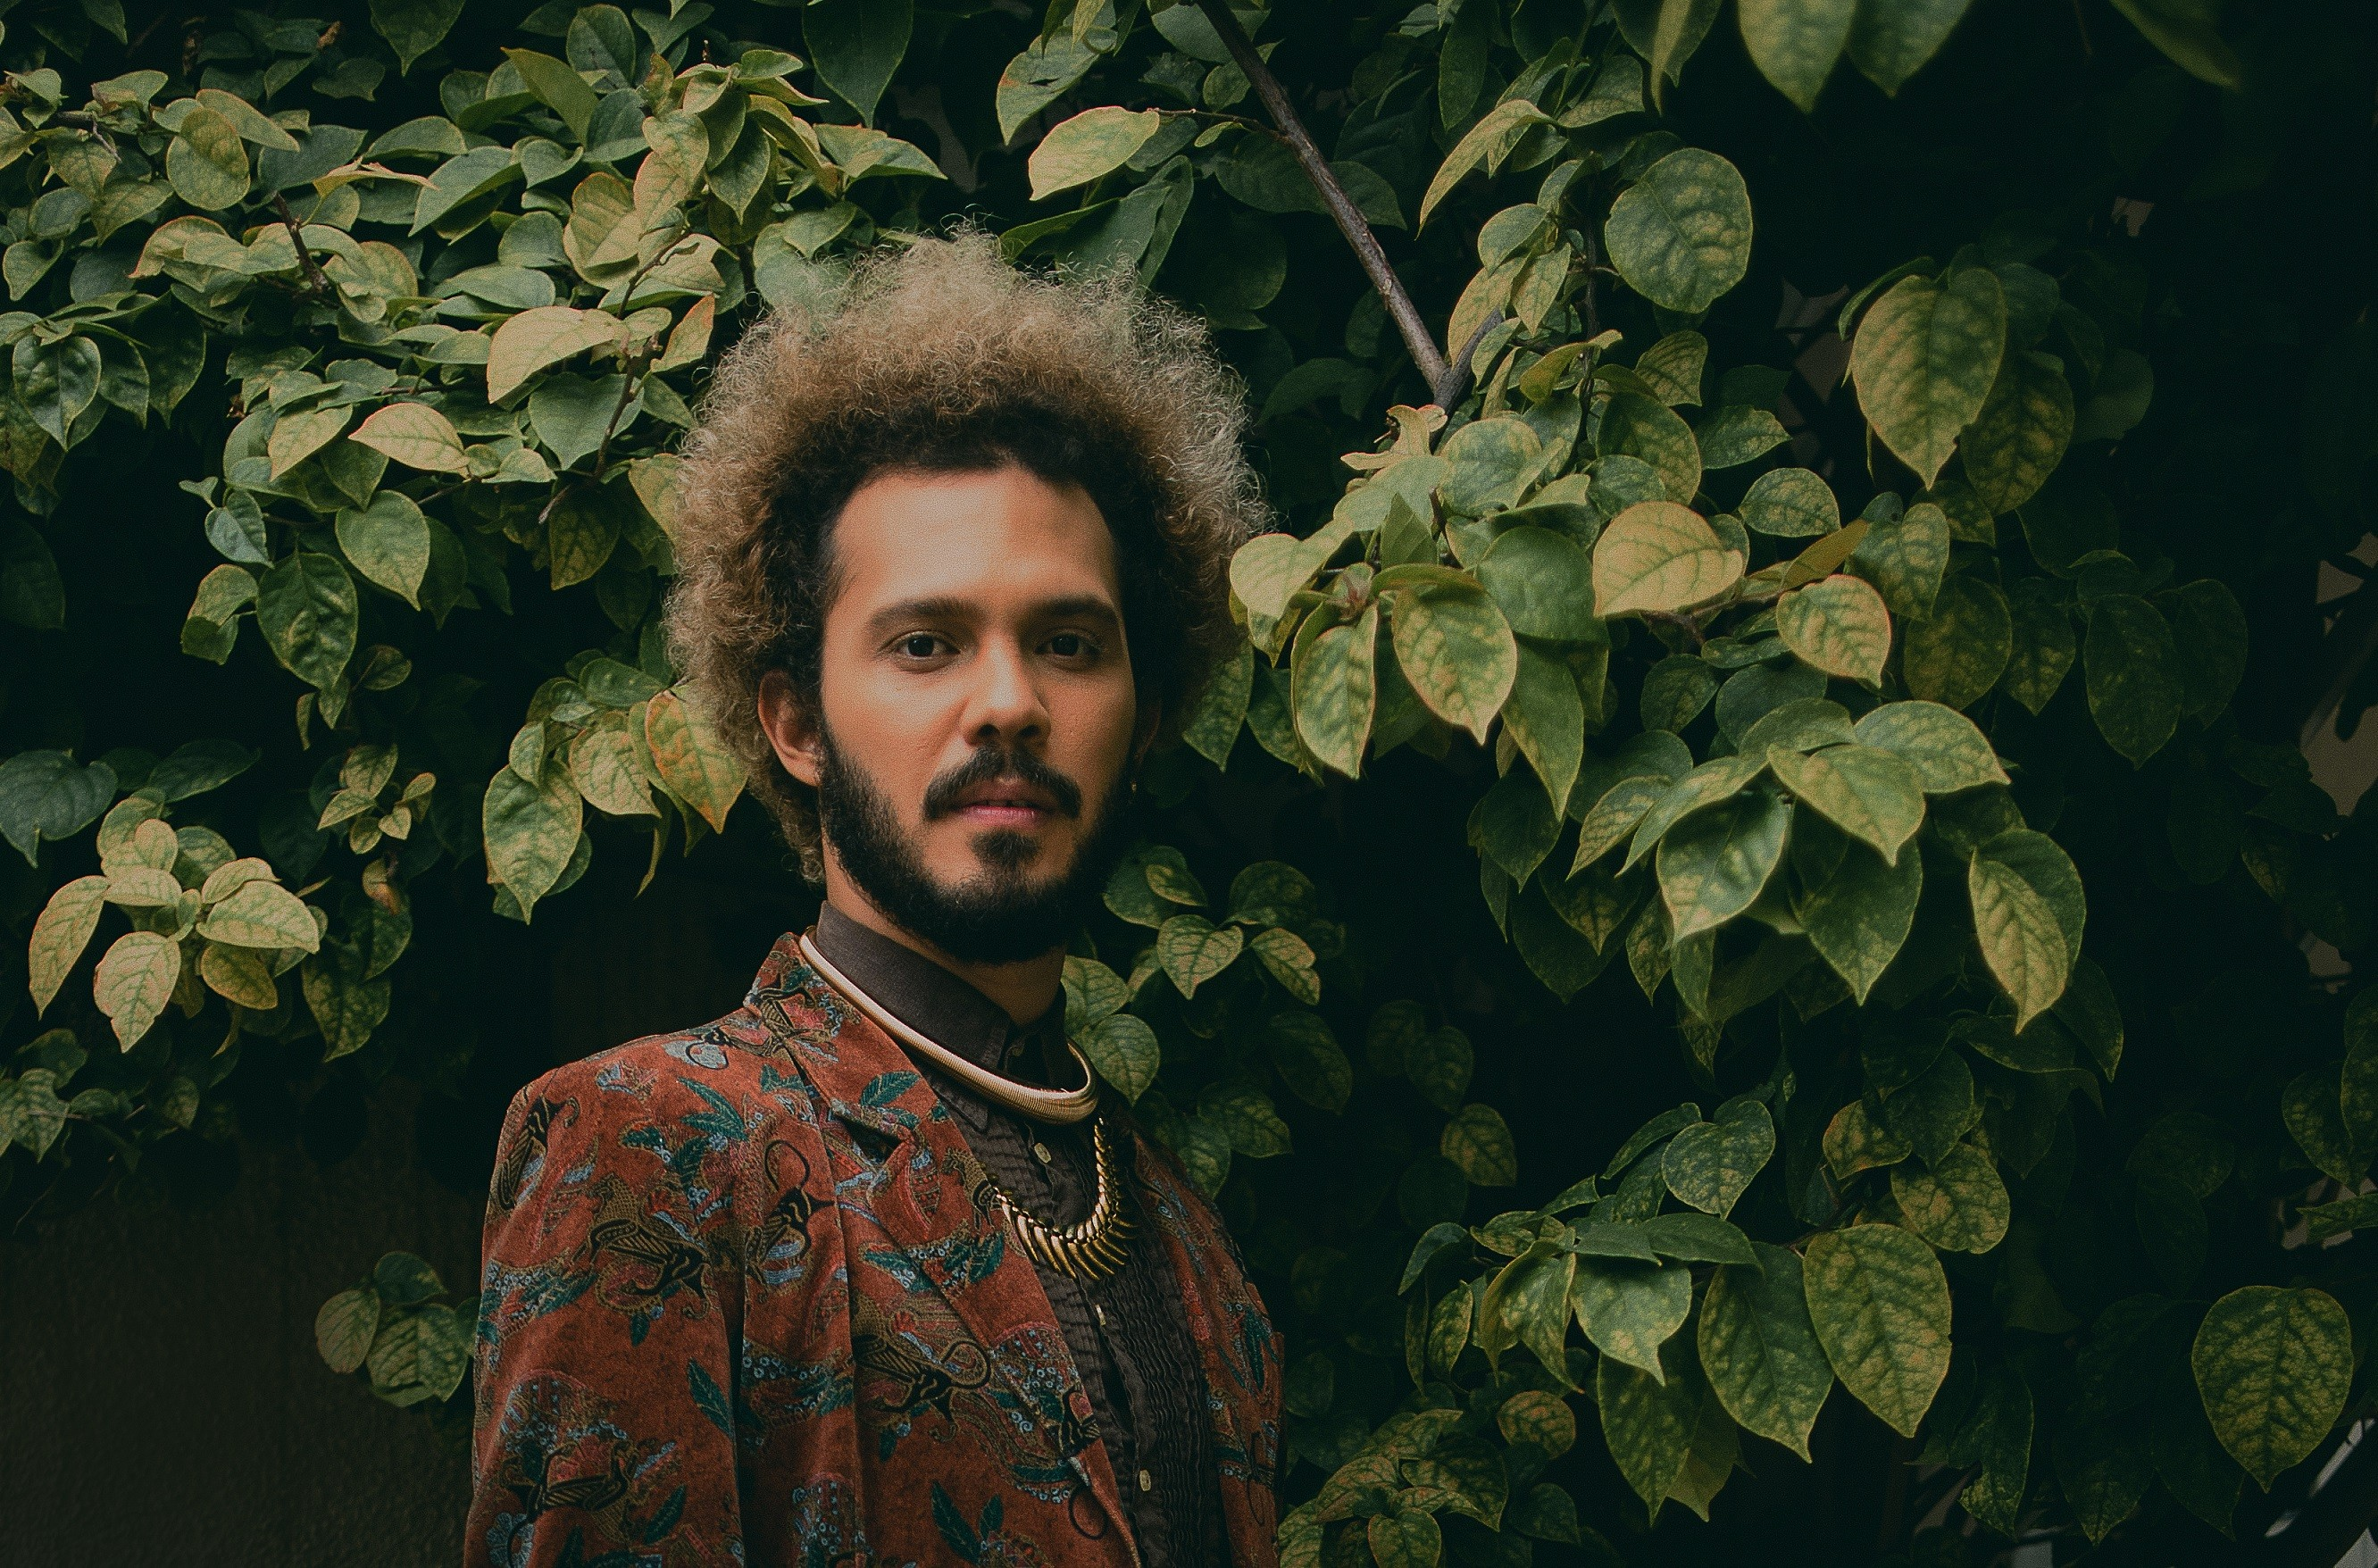 Saulo Duarte divide com Luedji Luna o canto de 'Lumina', música-título de EP agendado para julho